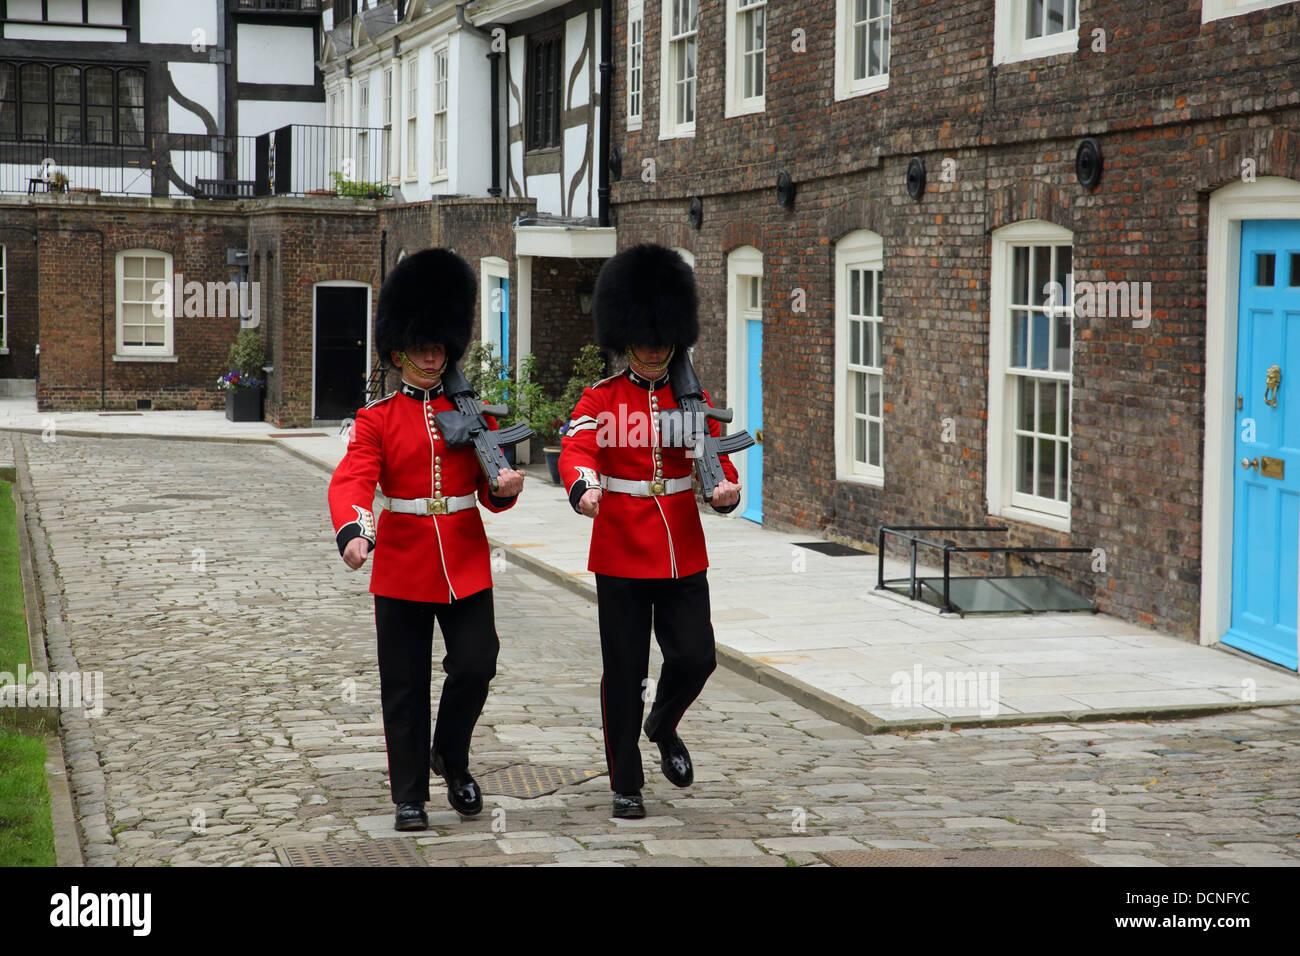 Zwei Wachen am Tower of London, England Stockbild